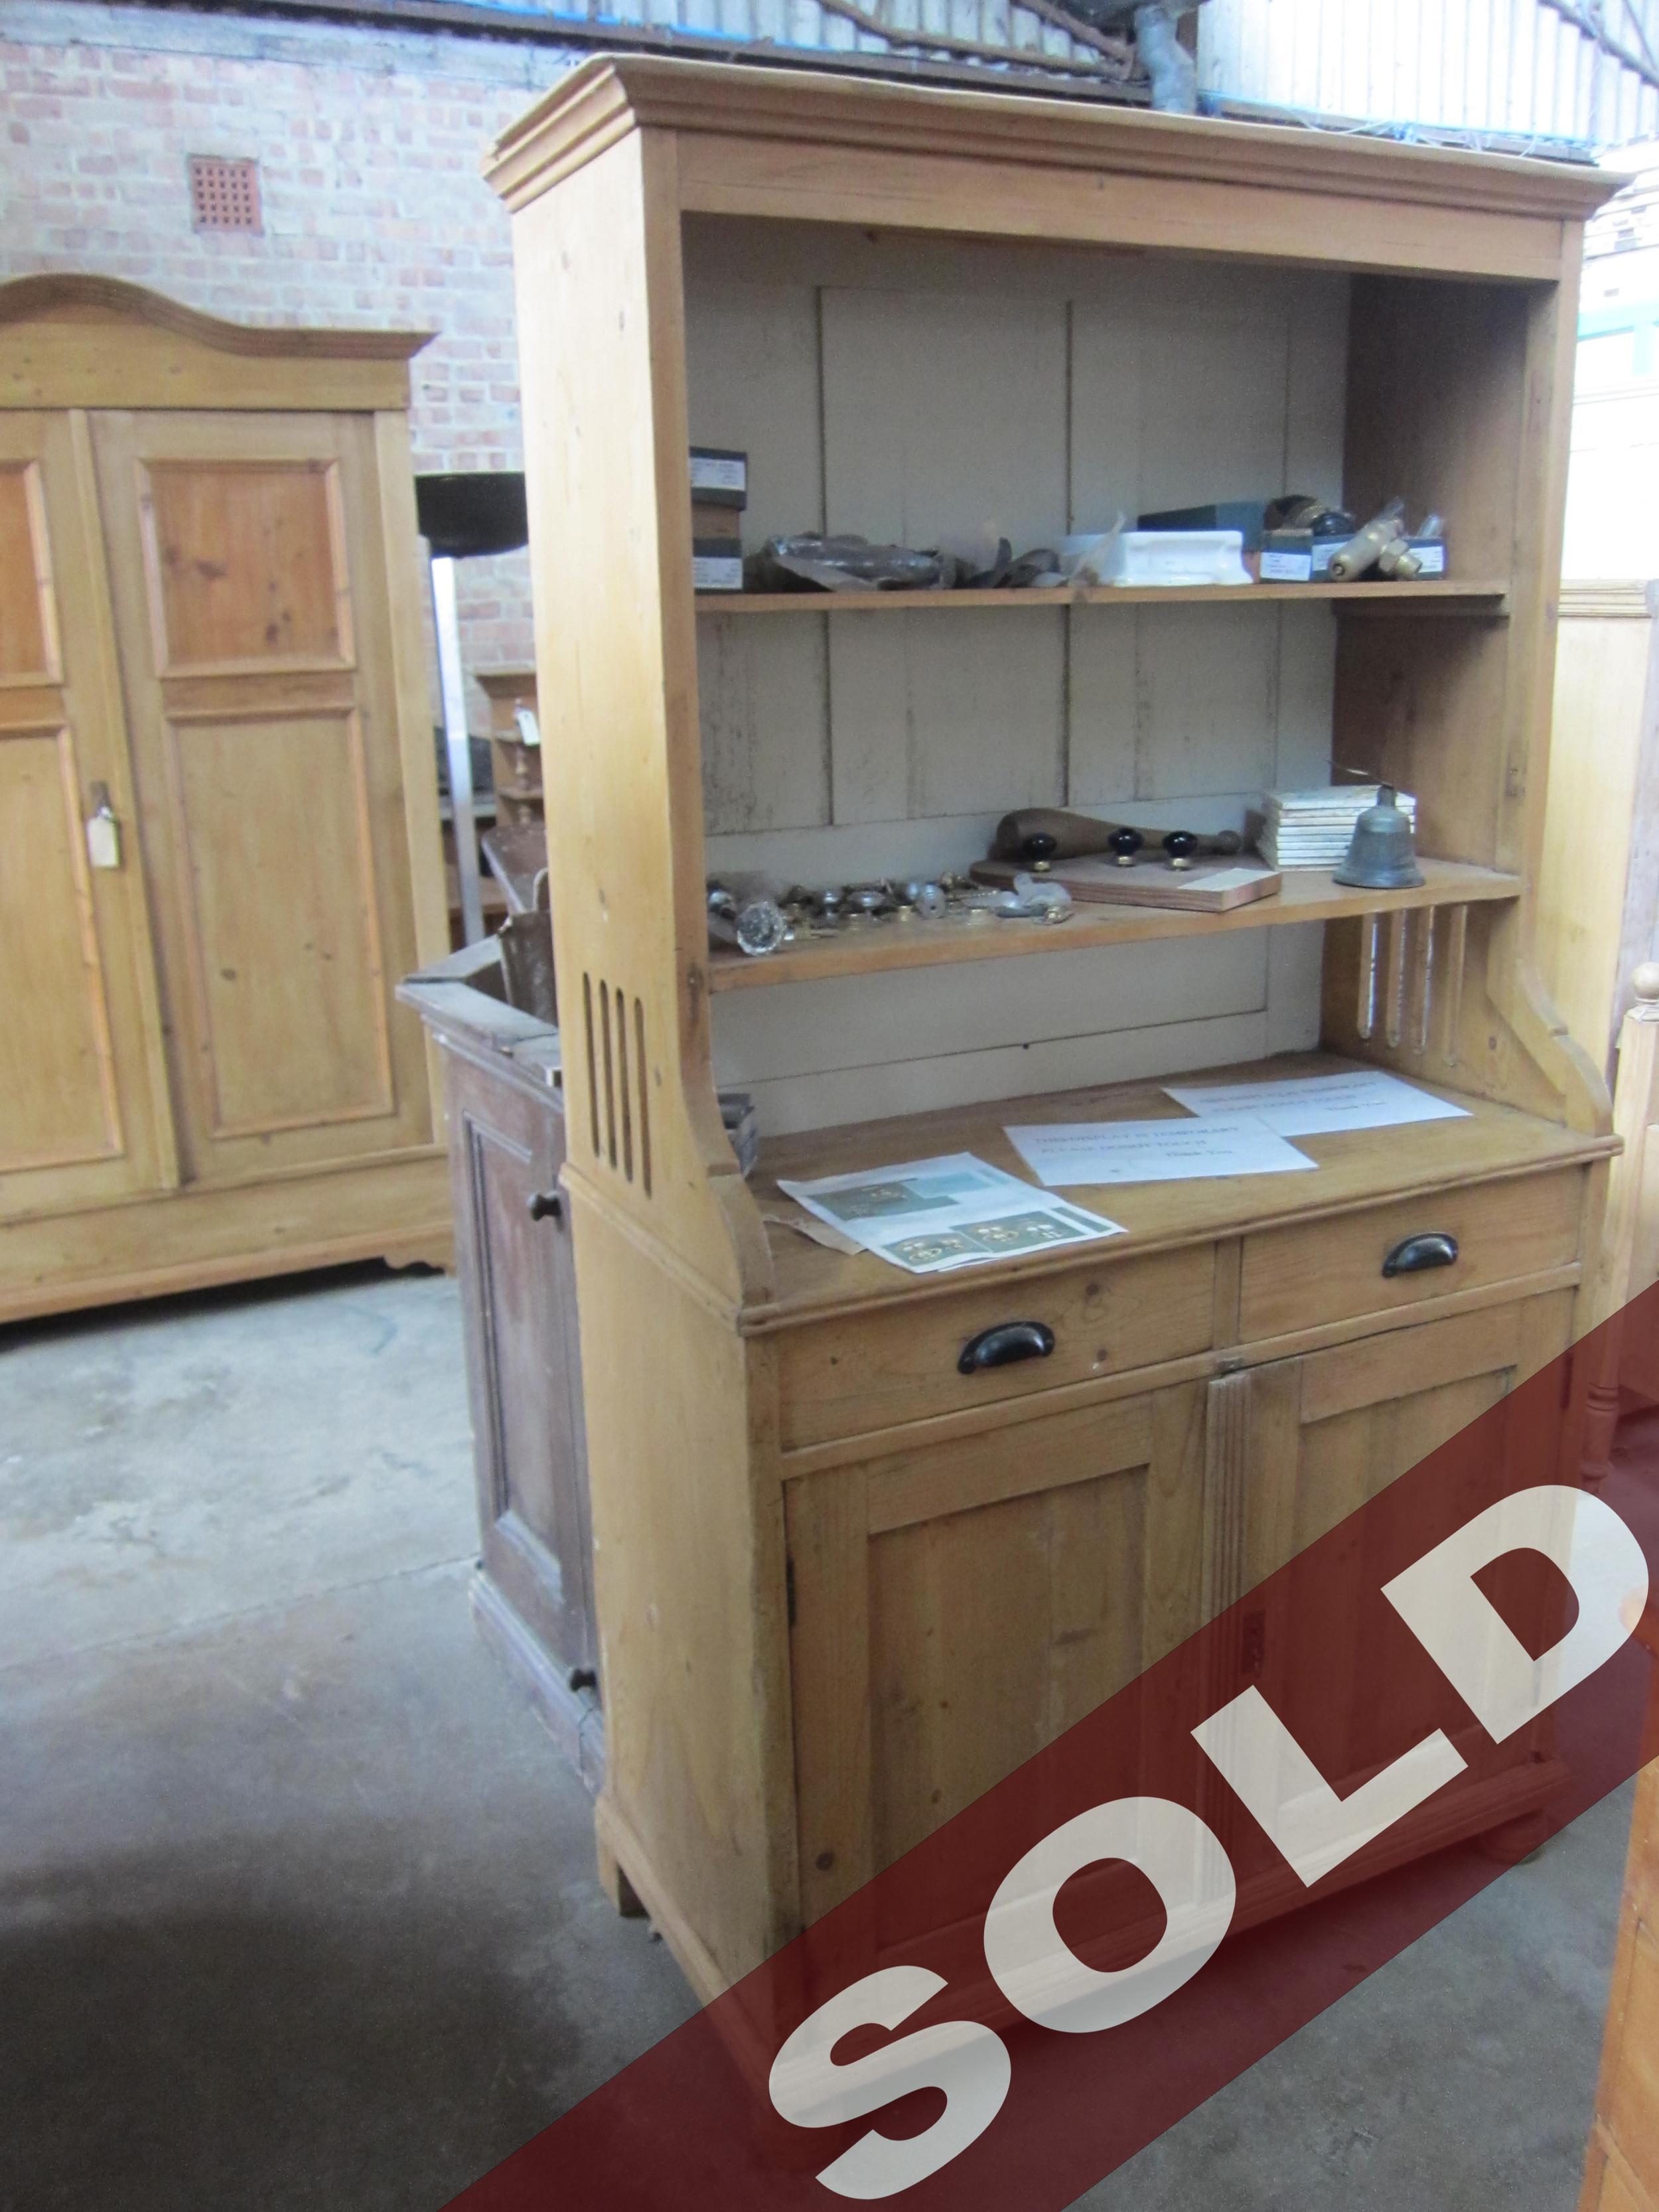 63 - 1900 pine 2 drawer 2 door dresser